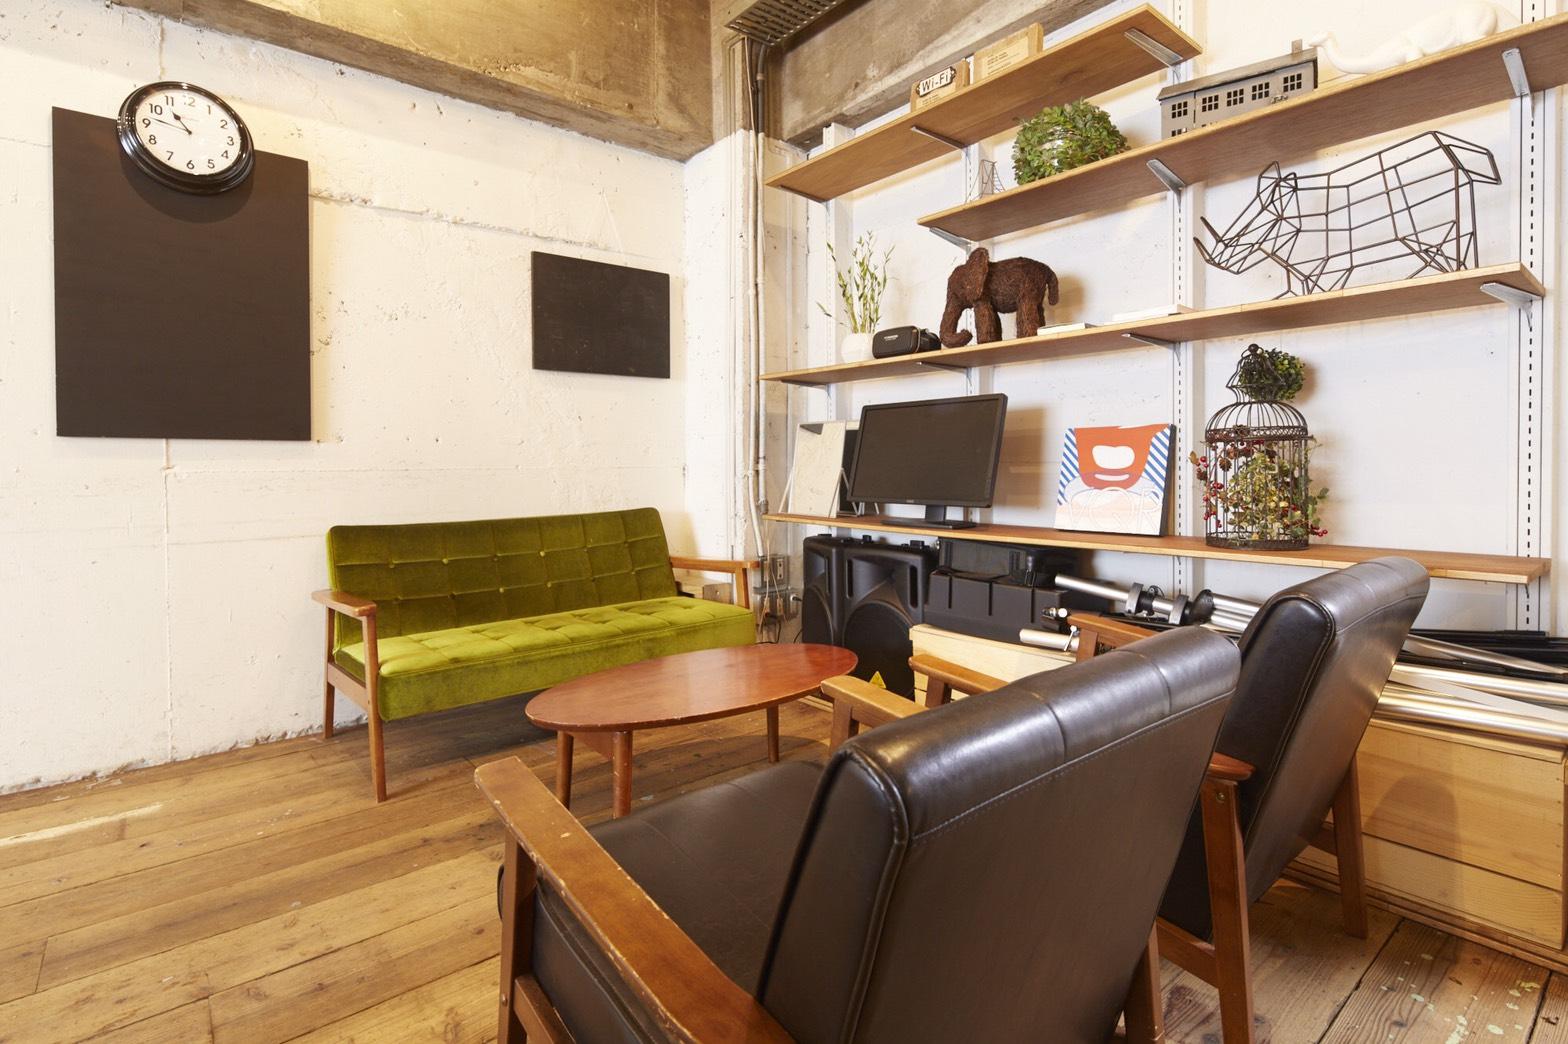 テイクアウトで彩りを。リラックスした雰囲気の貸し会議室4選|TIME SHARING|タイムシェアリング |スペースマネジメント|あどばる|adval|SHARING